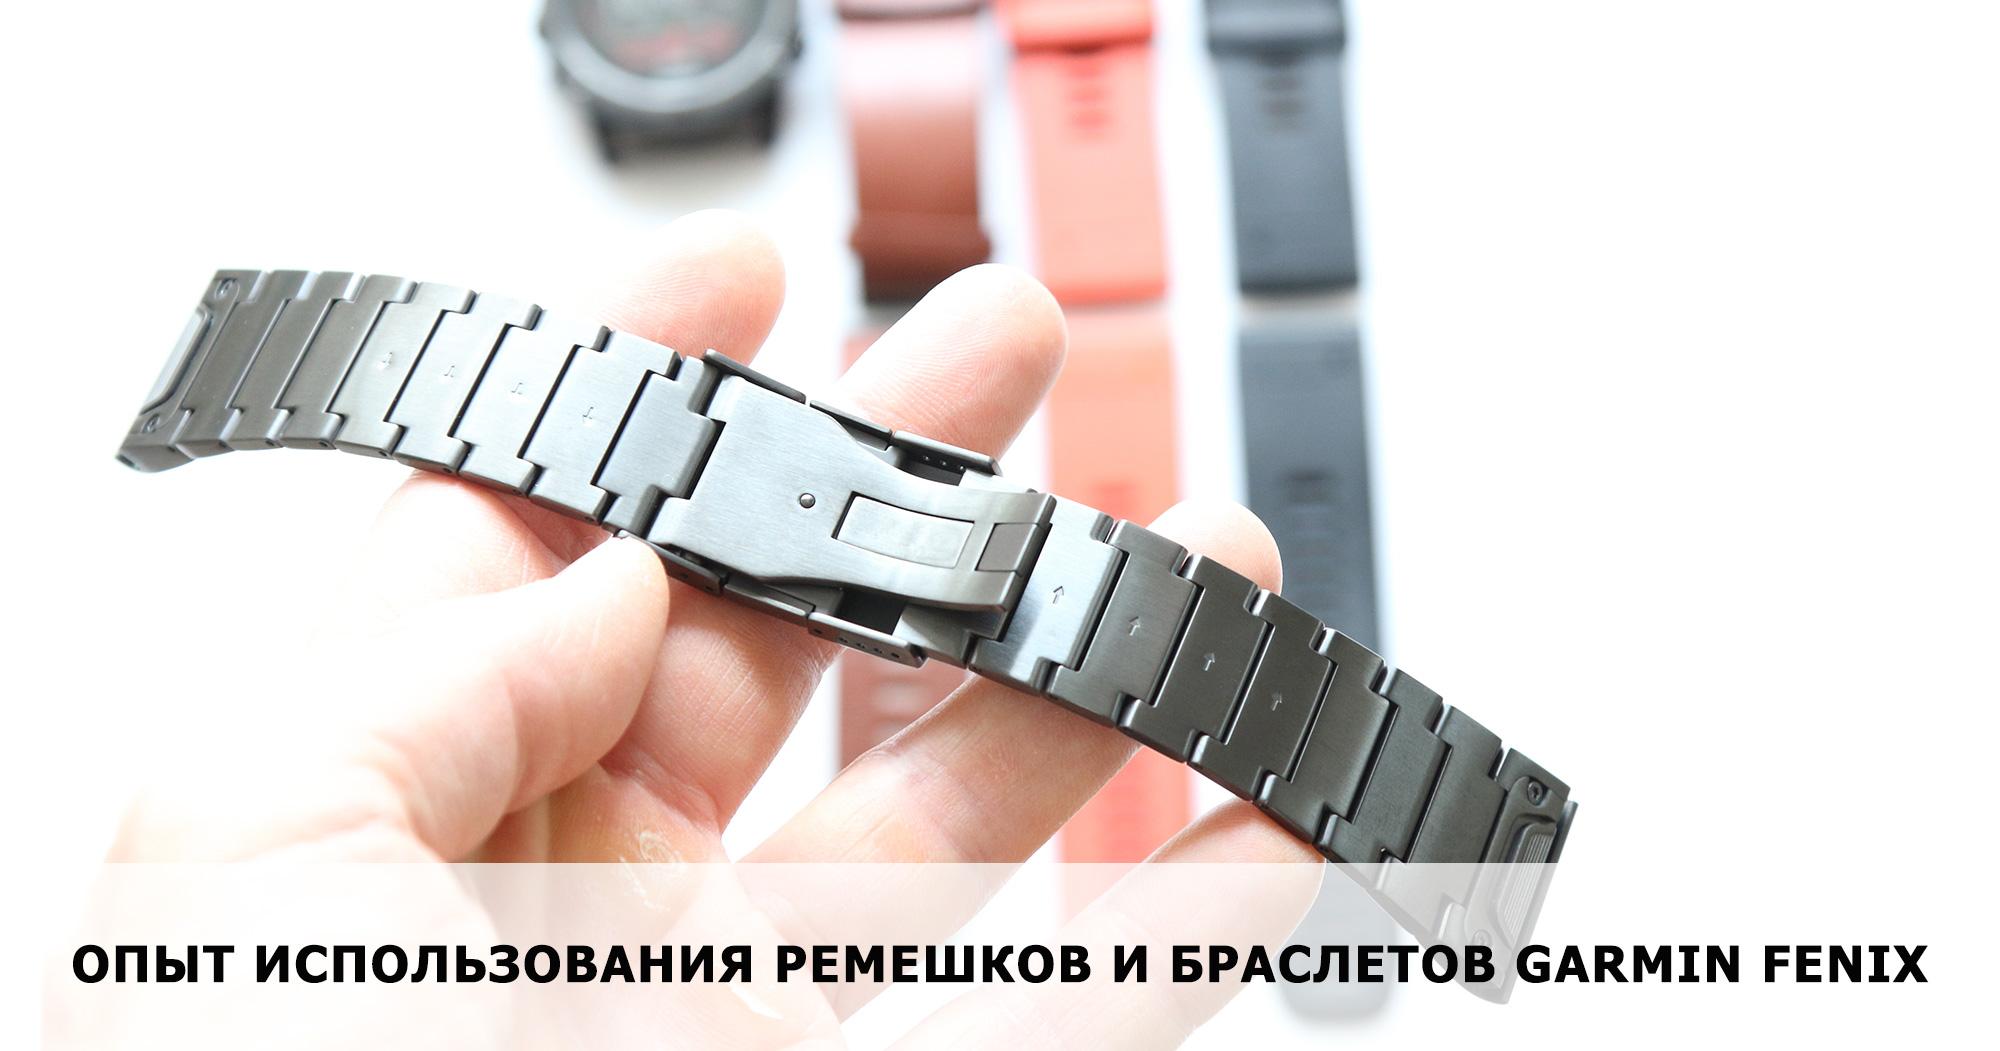 049177ef3e91 Ремешки для часов серии Garmin Fenix 5, 5S, 5X - ProstObzor.com